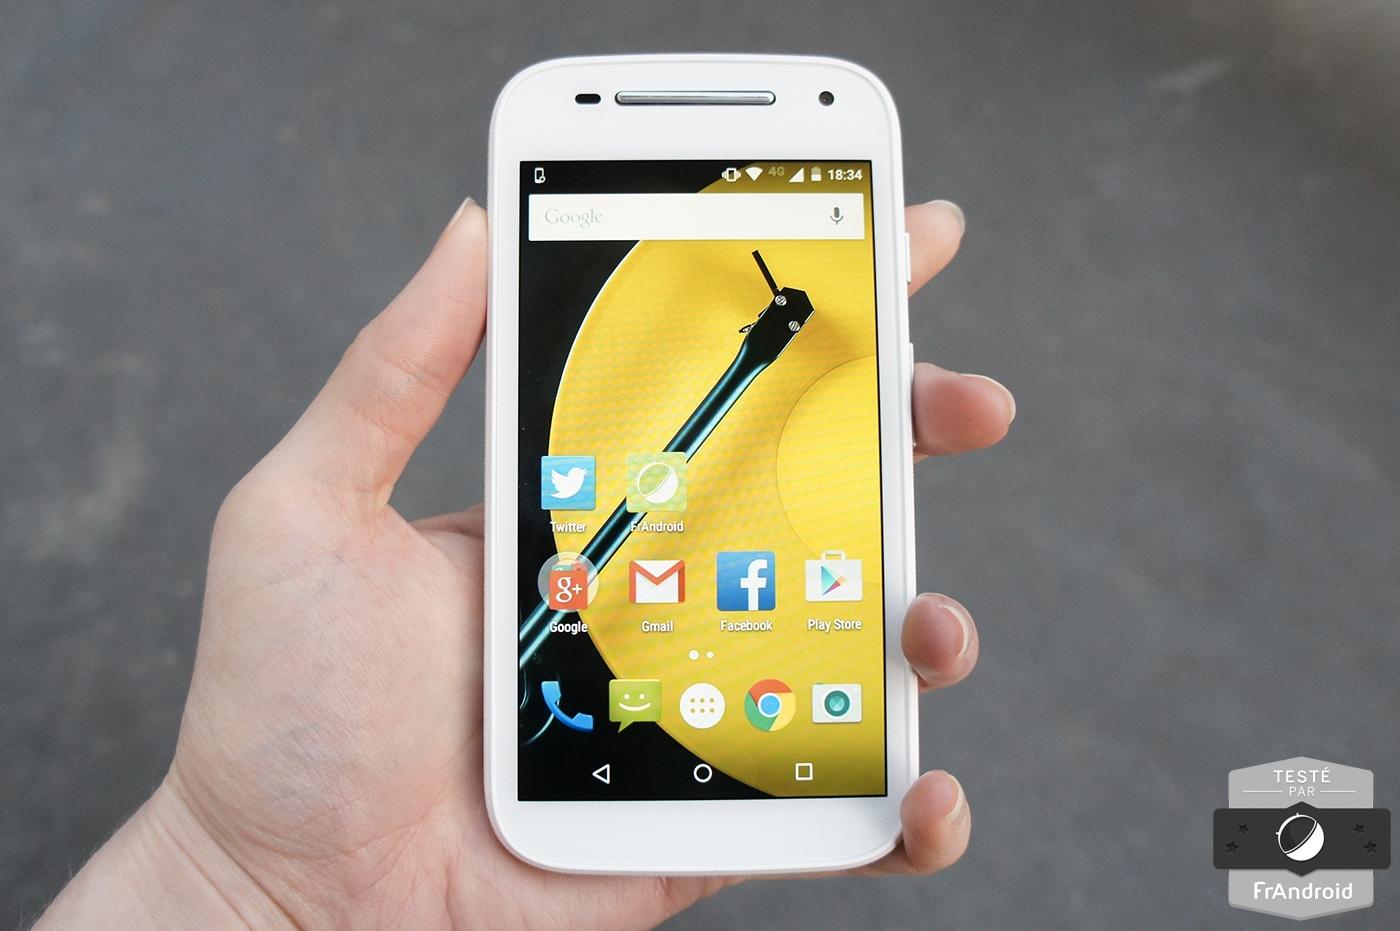 Test du Motorola Moto E 4G, du Lollipop à moindre coût